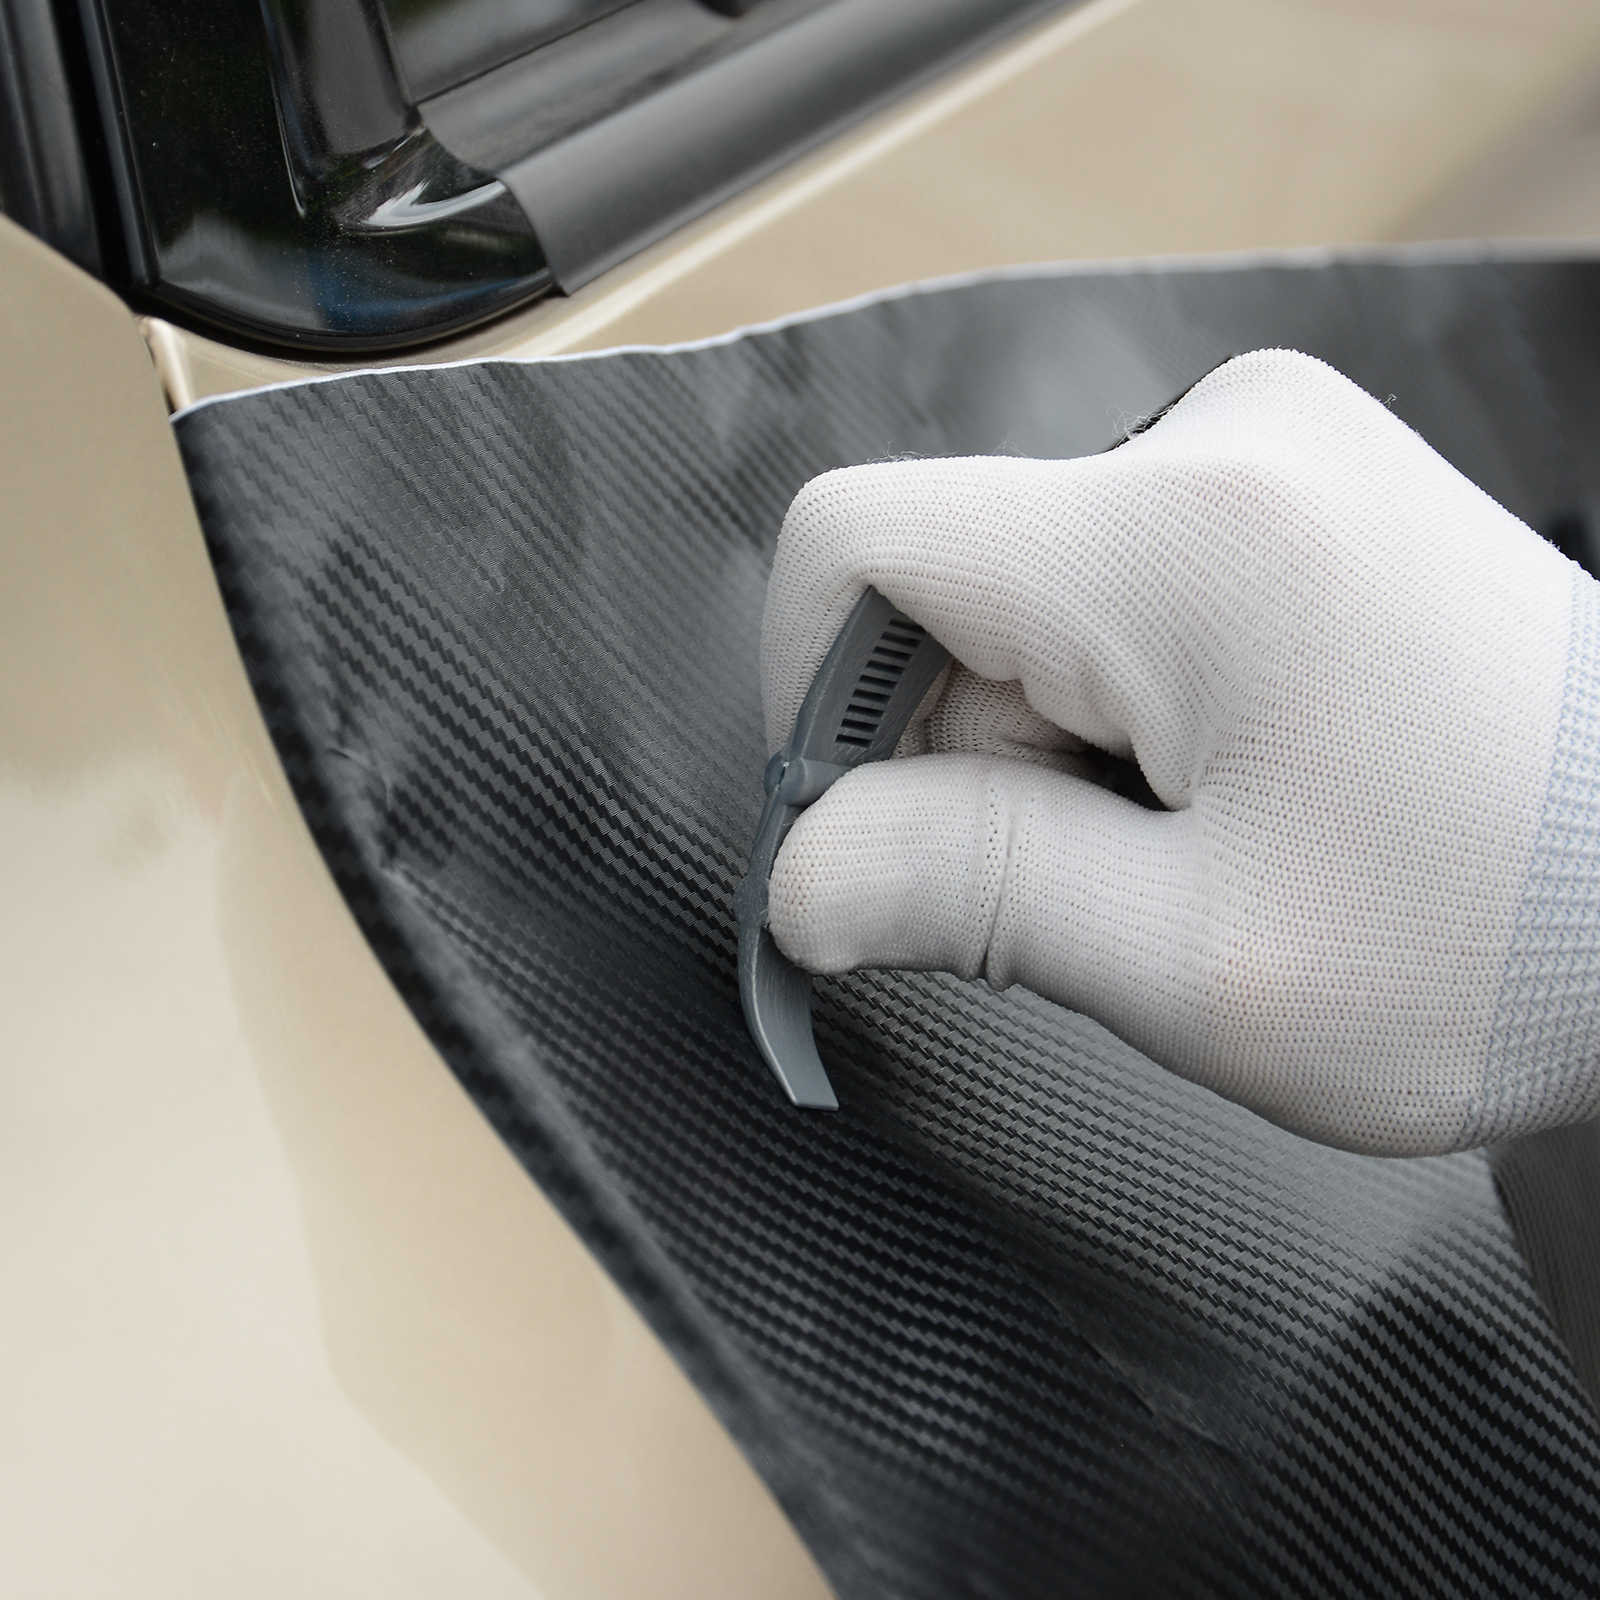 FOSHIO Vinyl Wrap Auto Aufkleber Kleber Entferner Rakel Schaber Carbon Faser Film Auto Auto Verpackung Zubehör Fenster Tönung Werkzeug